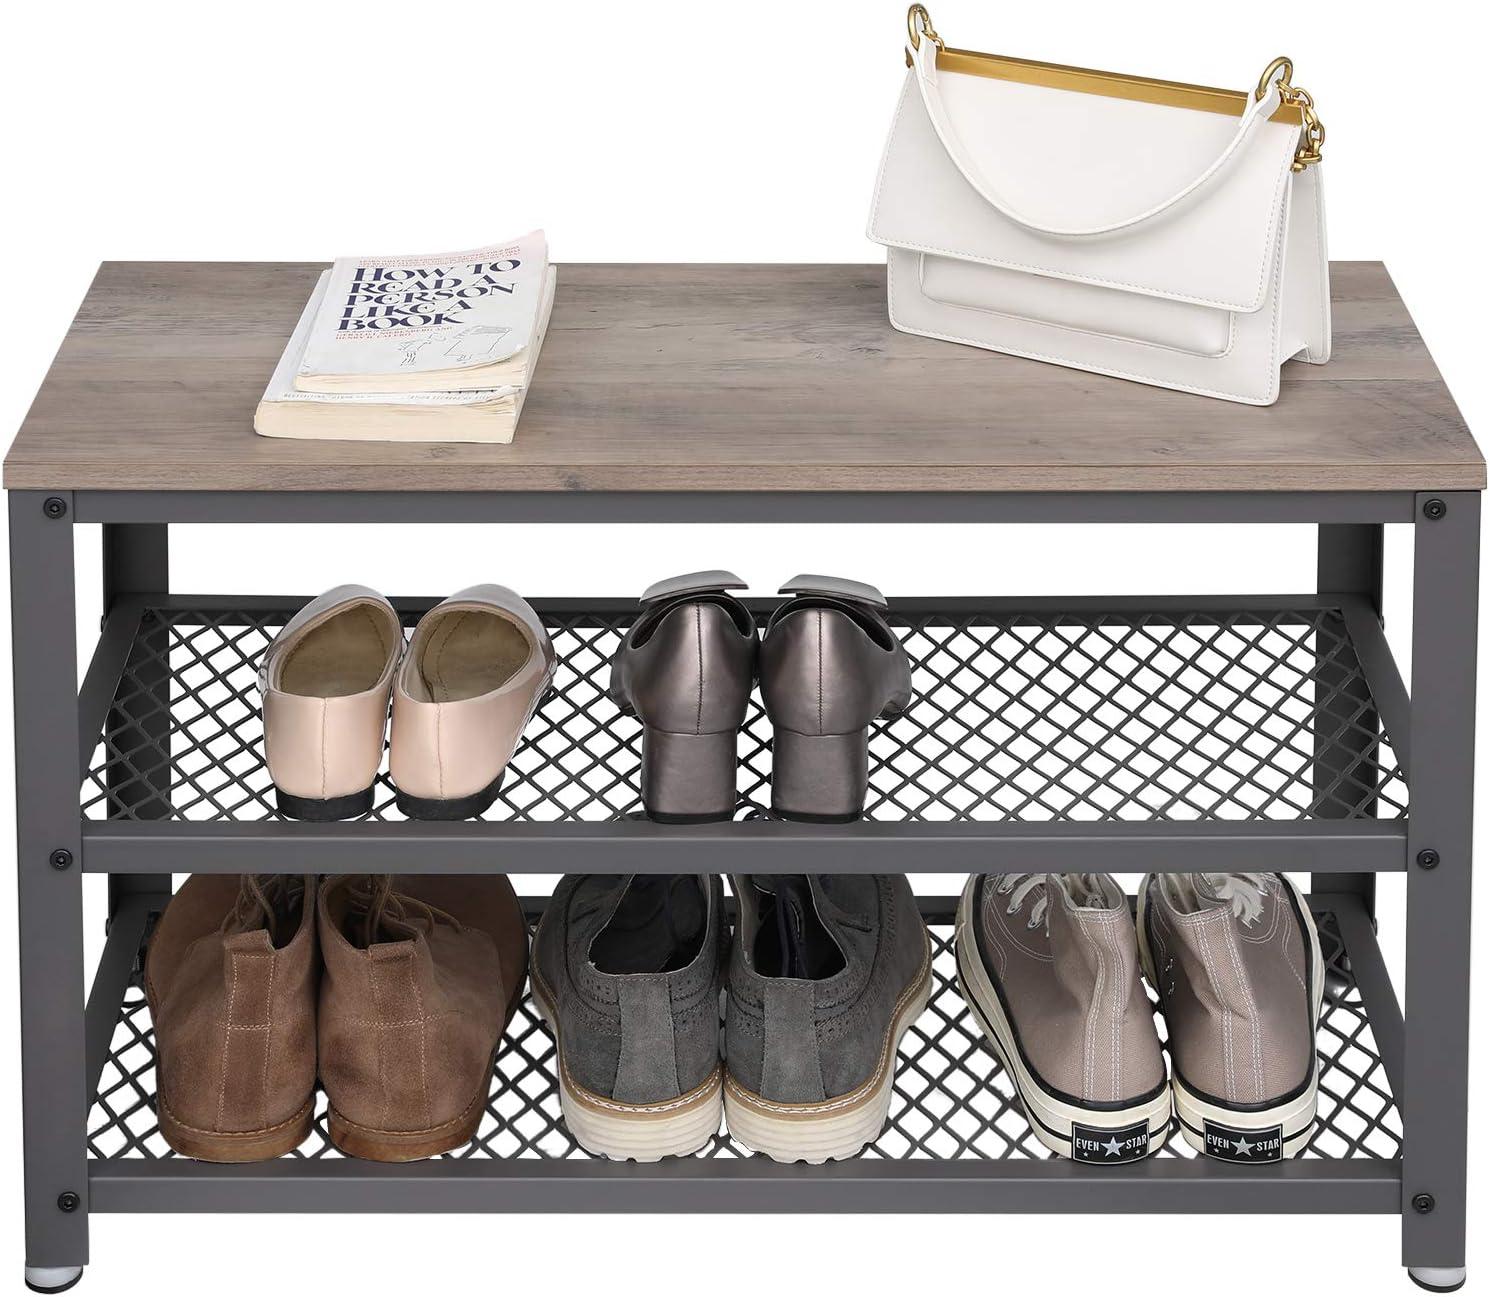 VASAGLE Banco para Zapatos Estante de Zapatos de 3 Niveles Organizador de Almacenamiento con Asiento y Estantes Greige y Gris